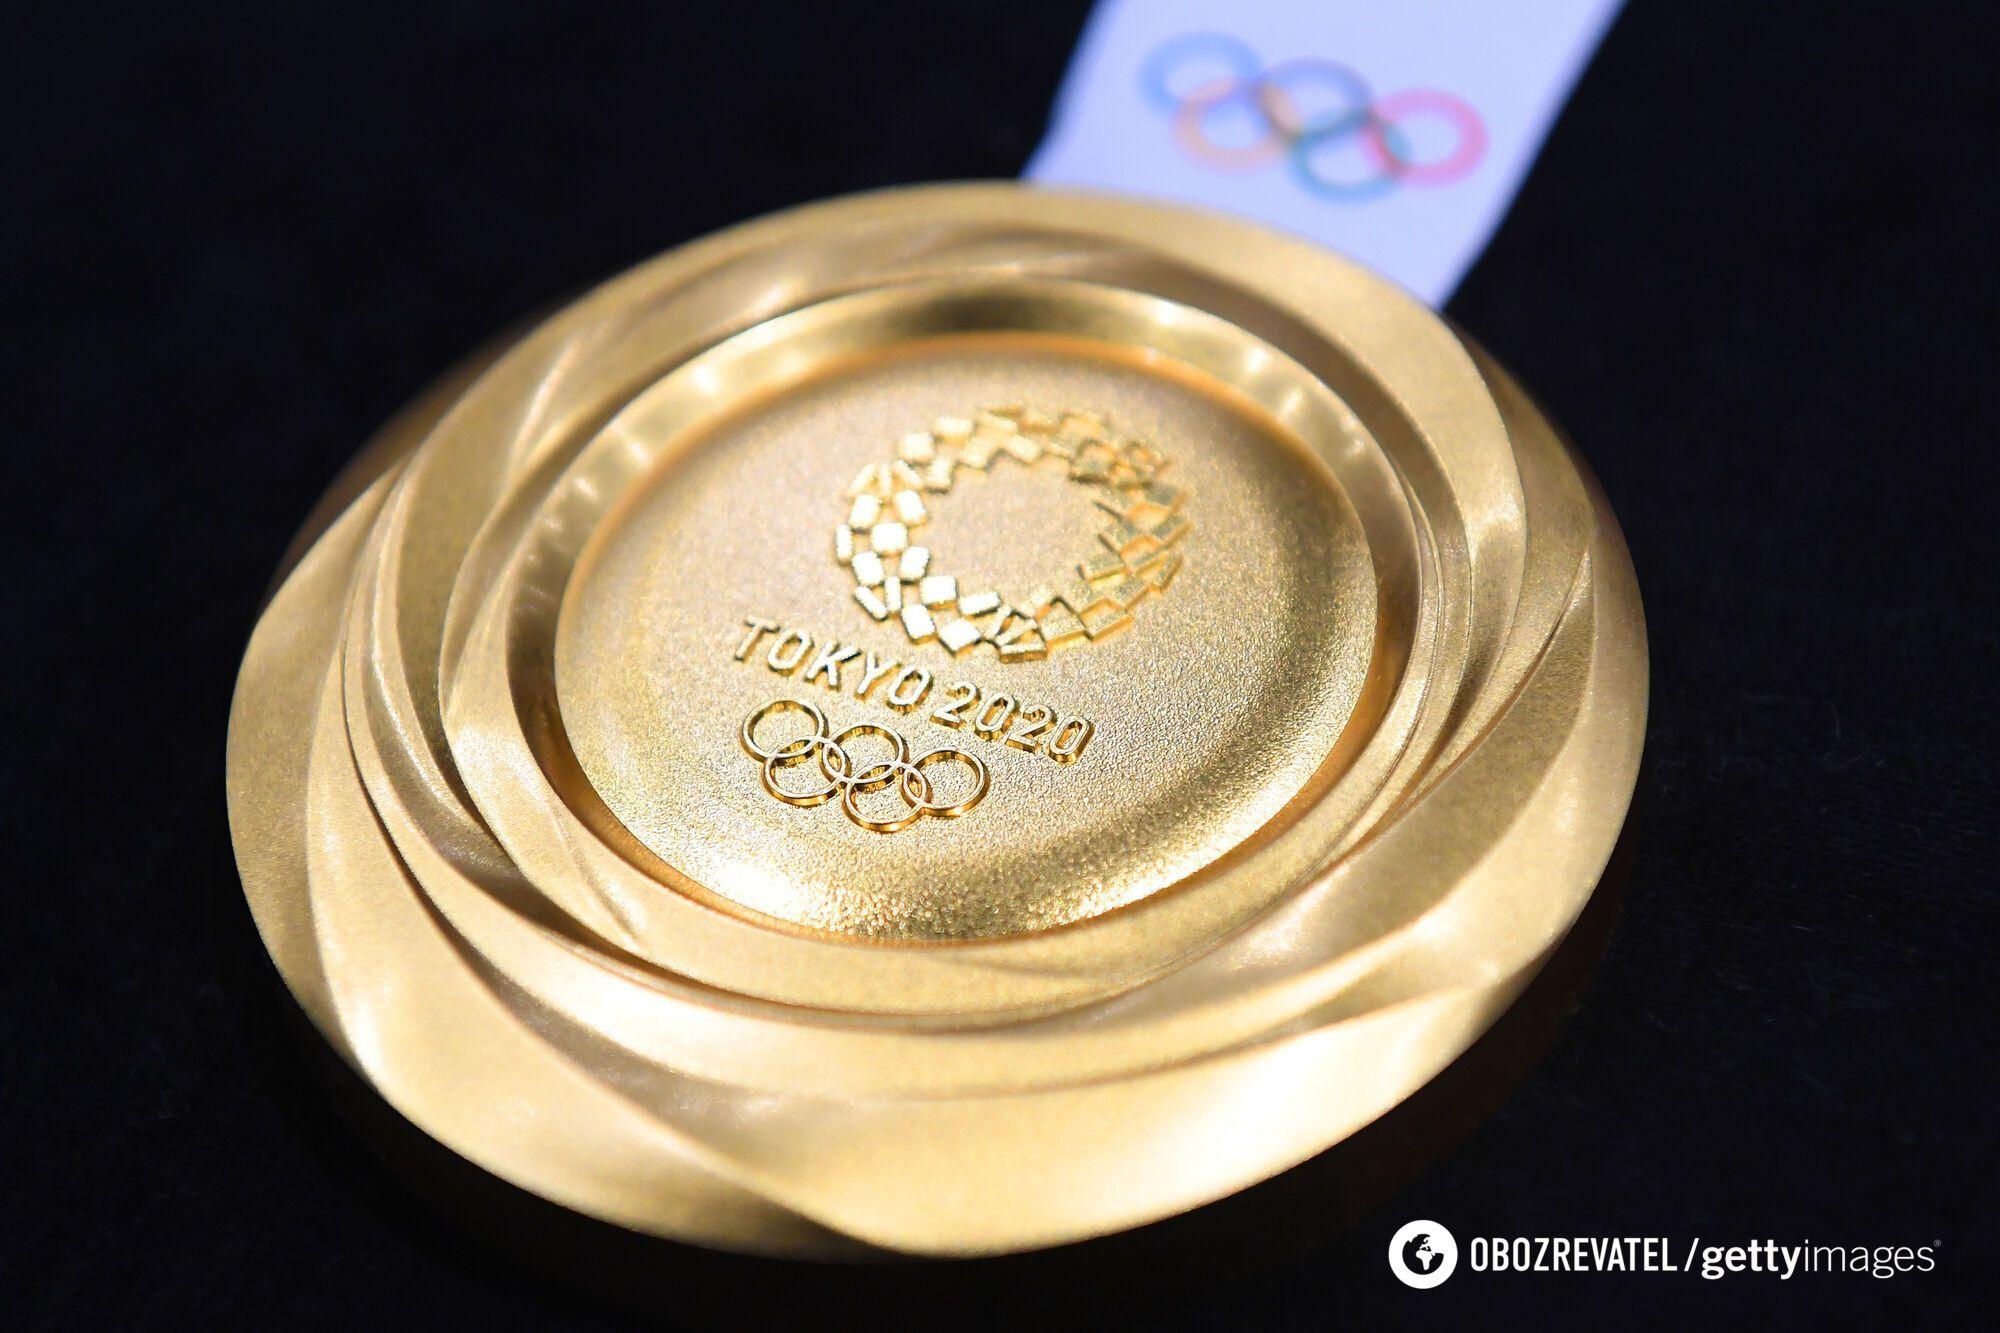 Образец медали, которую будут вручать на ОИ-2020.